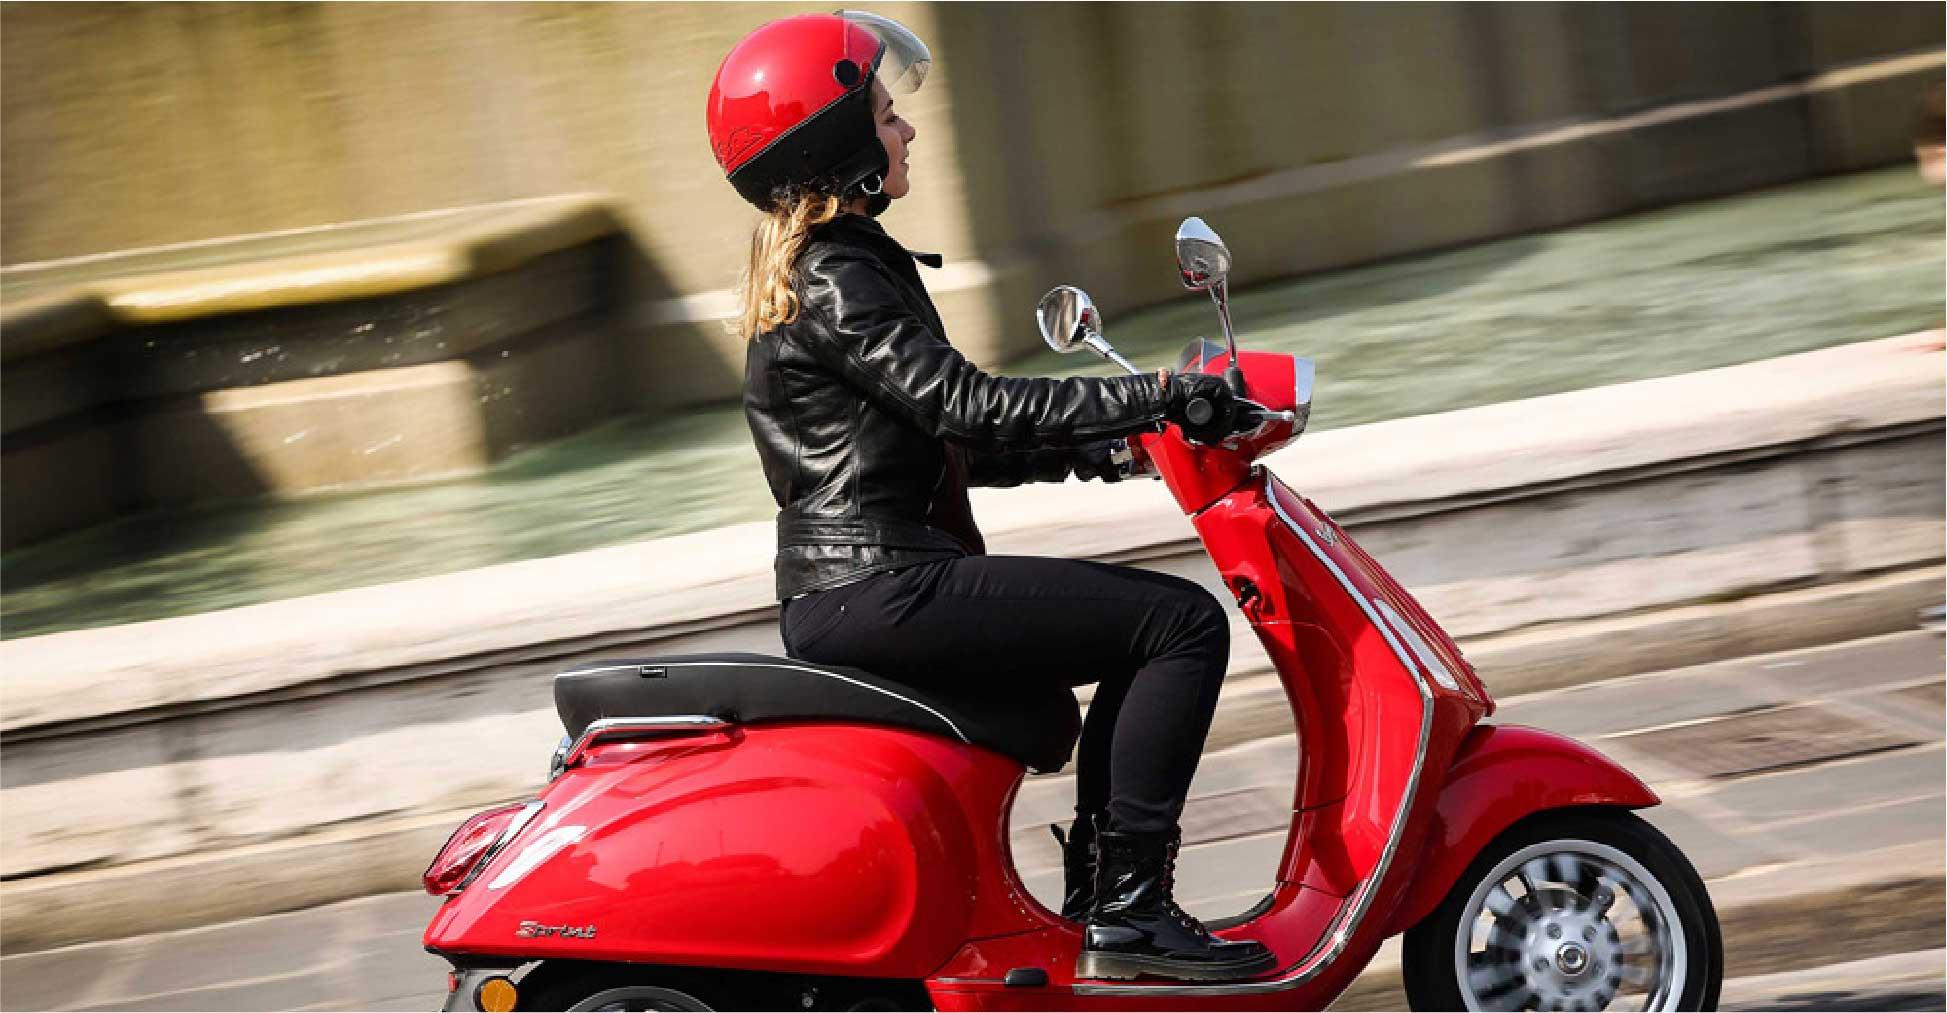 muevo-mujer-moto-01